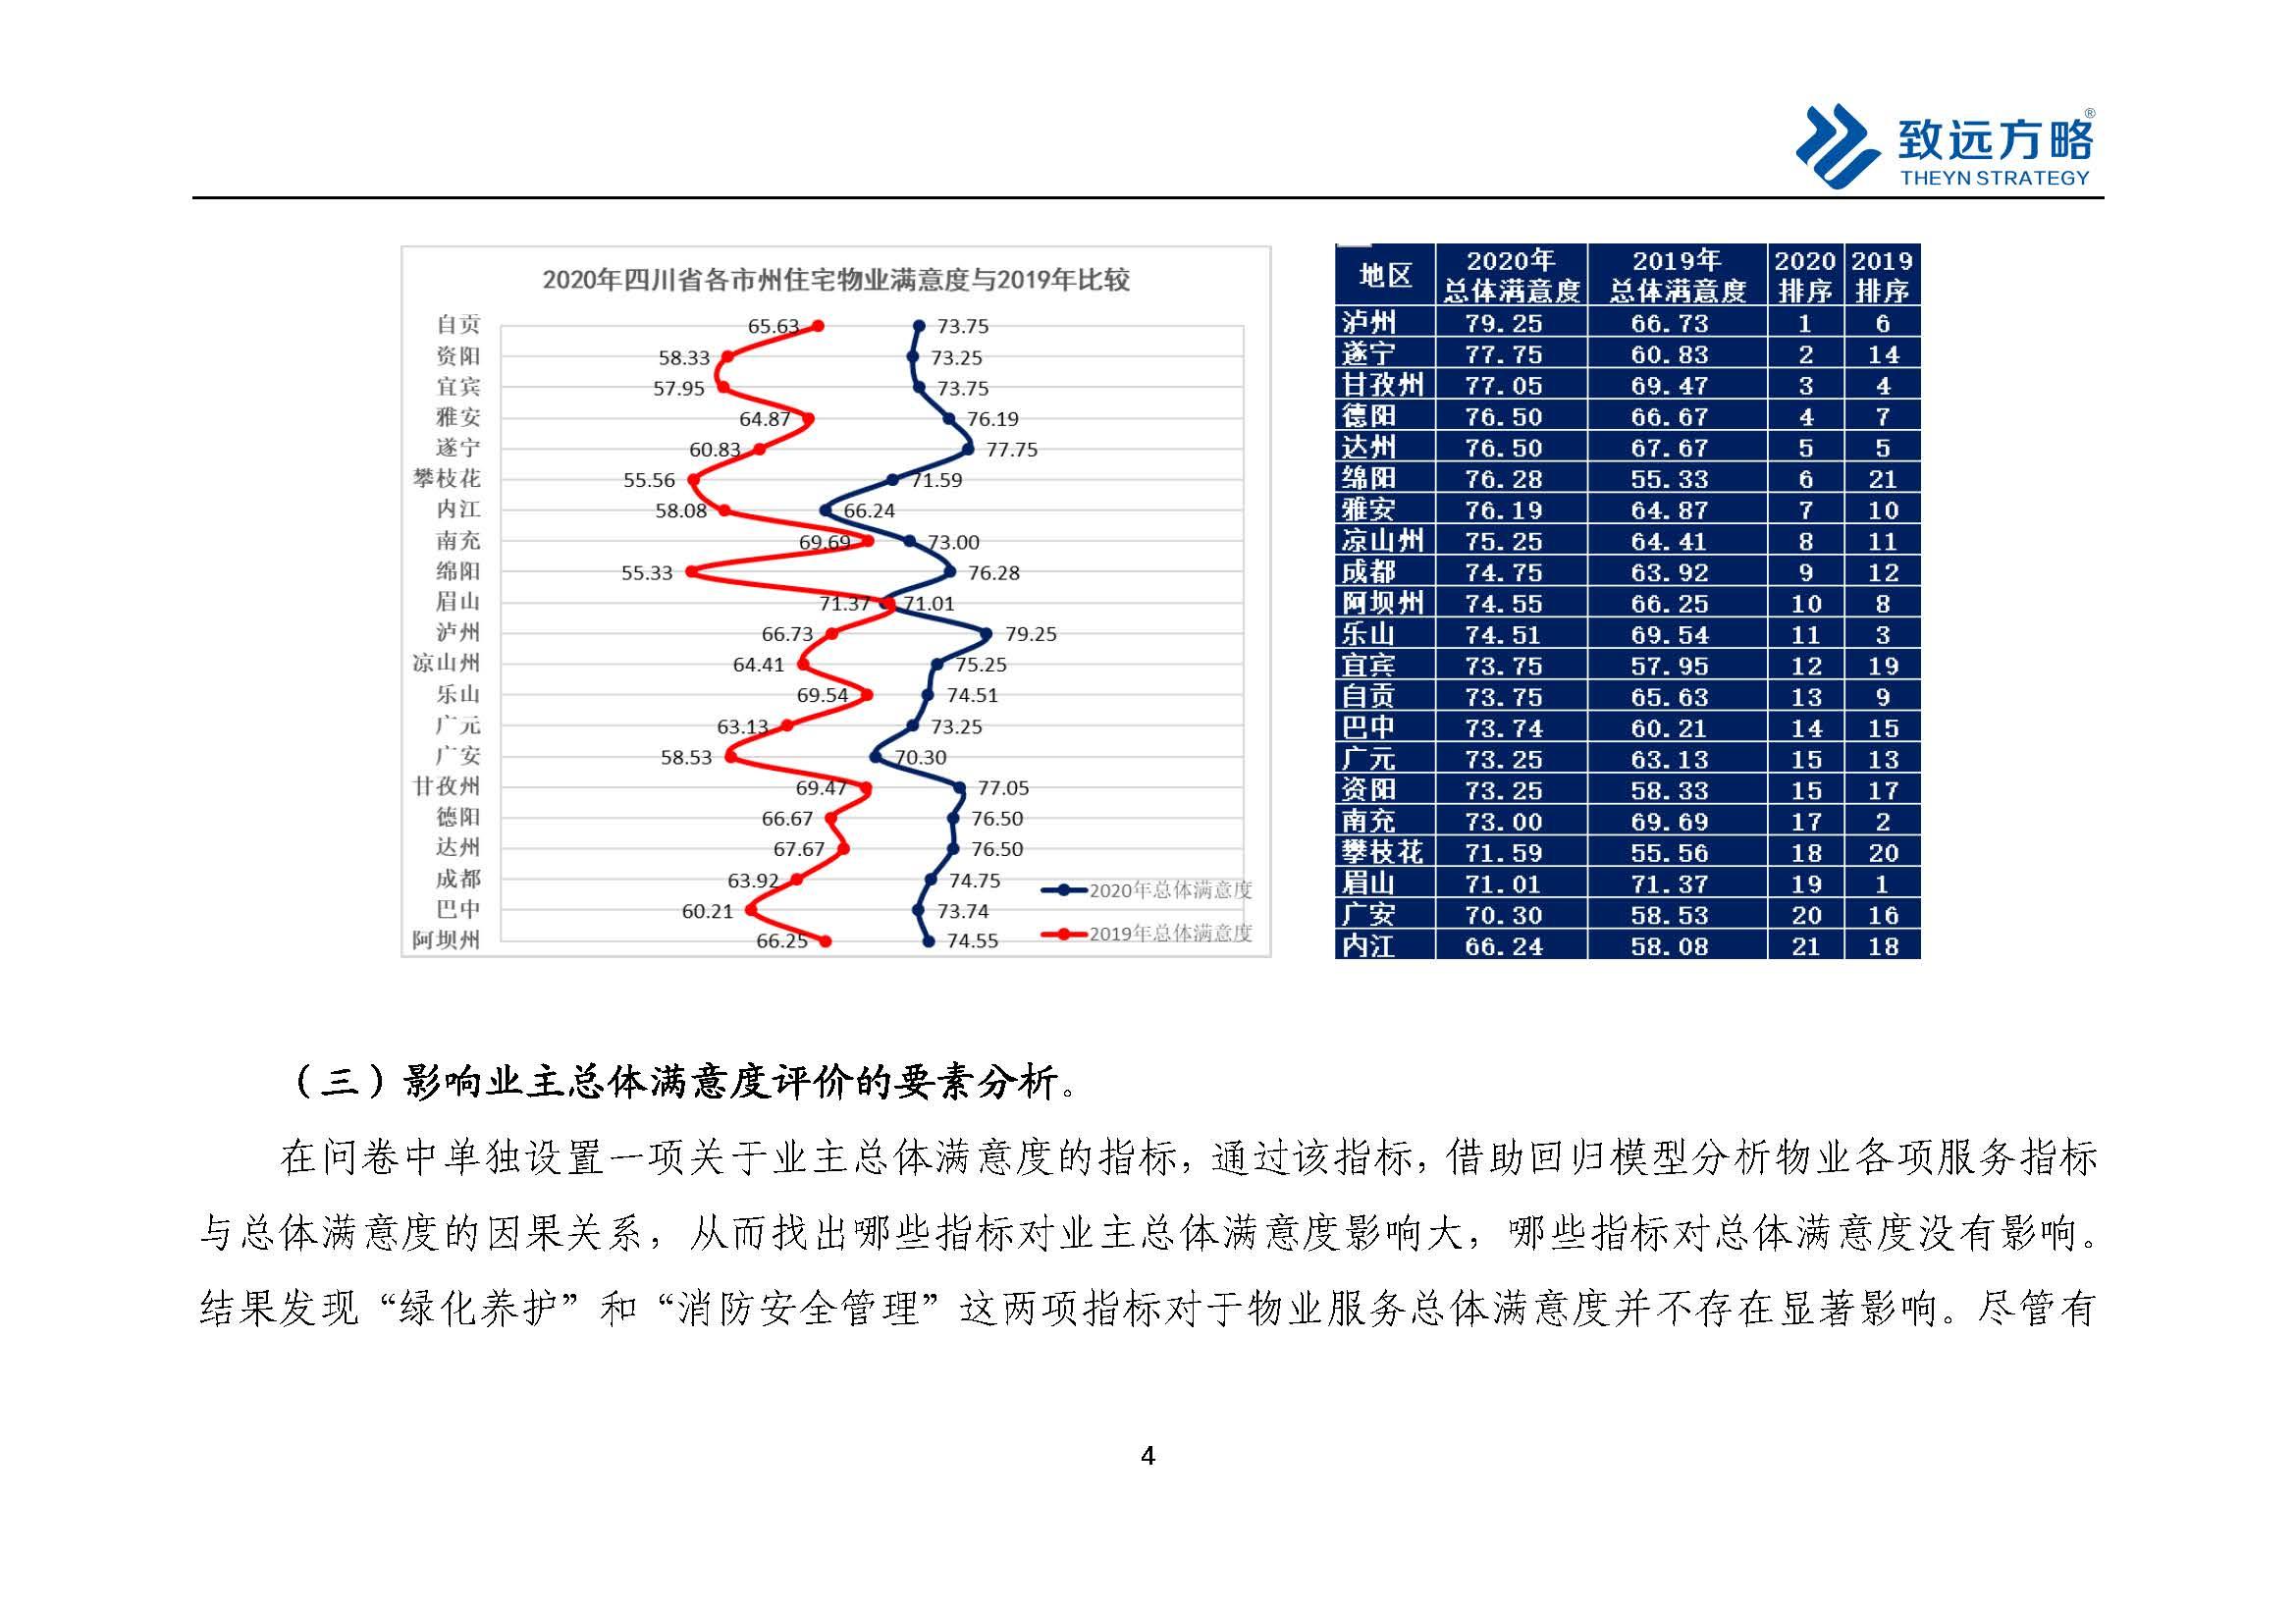 新建文件夹-2020疫情期间四川物业满意度暨物业满意度指数跟踪调查报告_页面_5